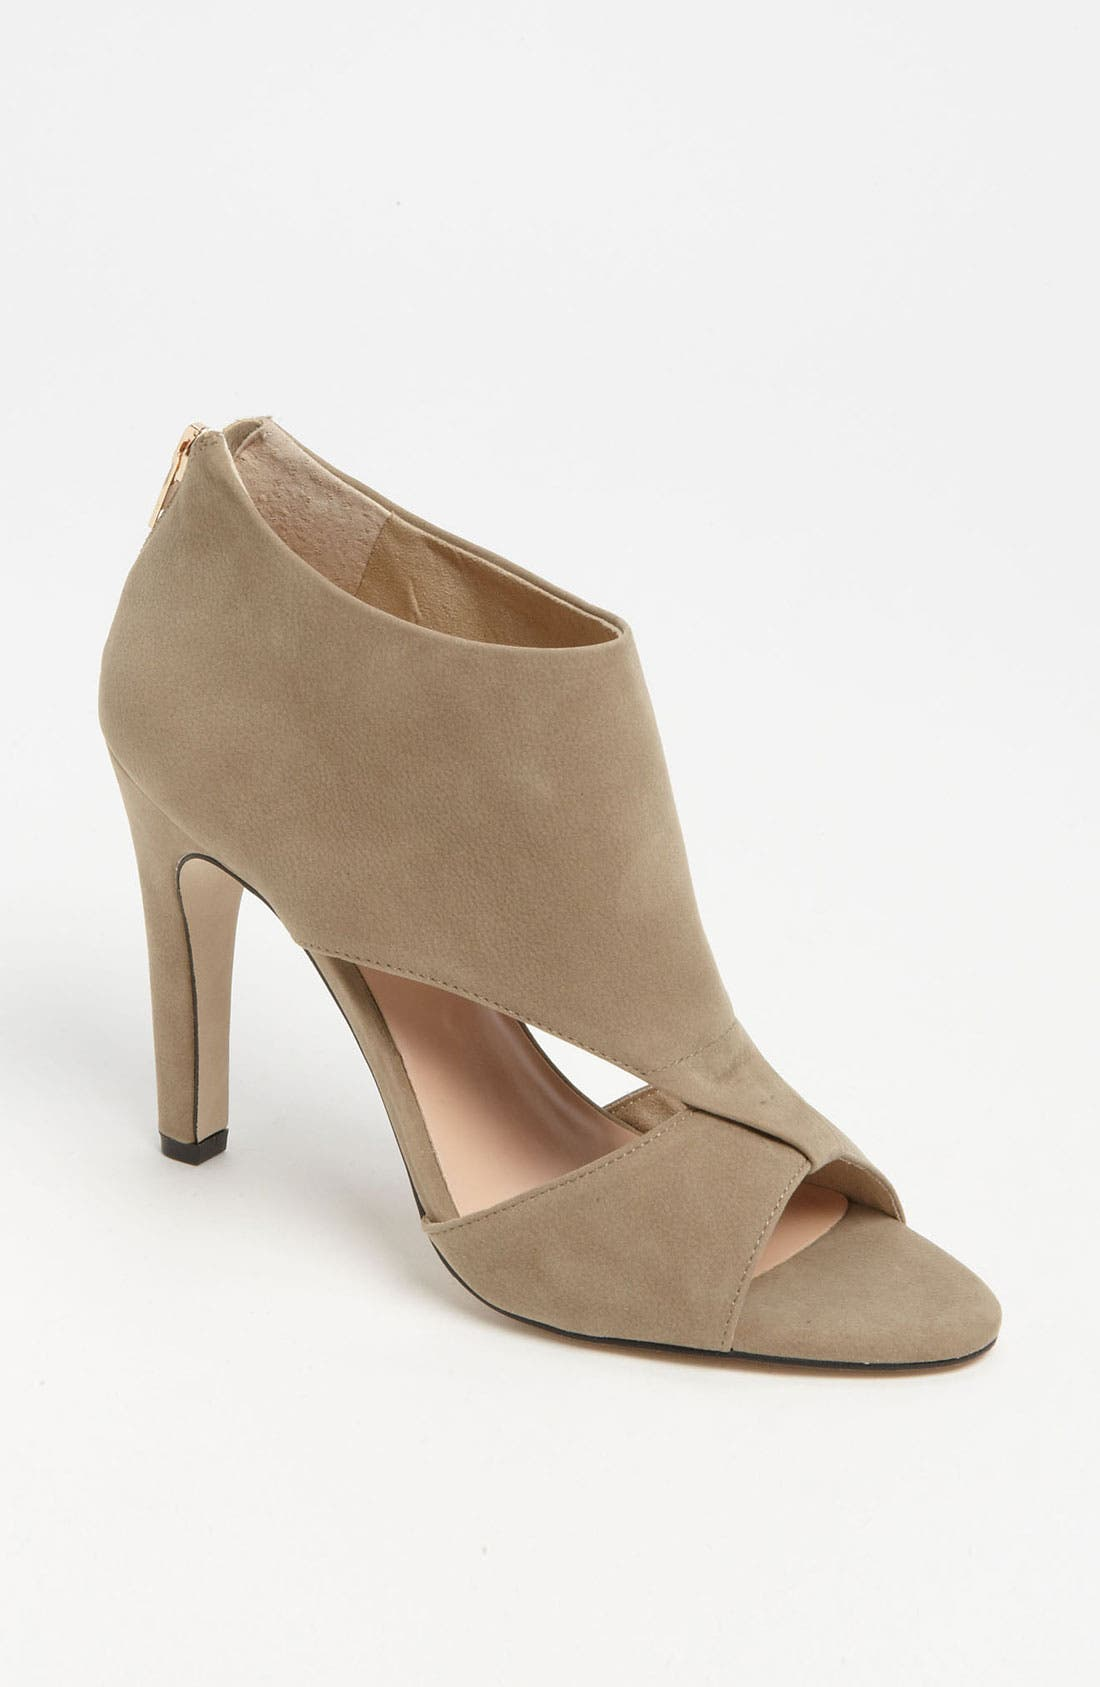 Main Image - Sole Society 'Pamelina' Sandal